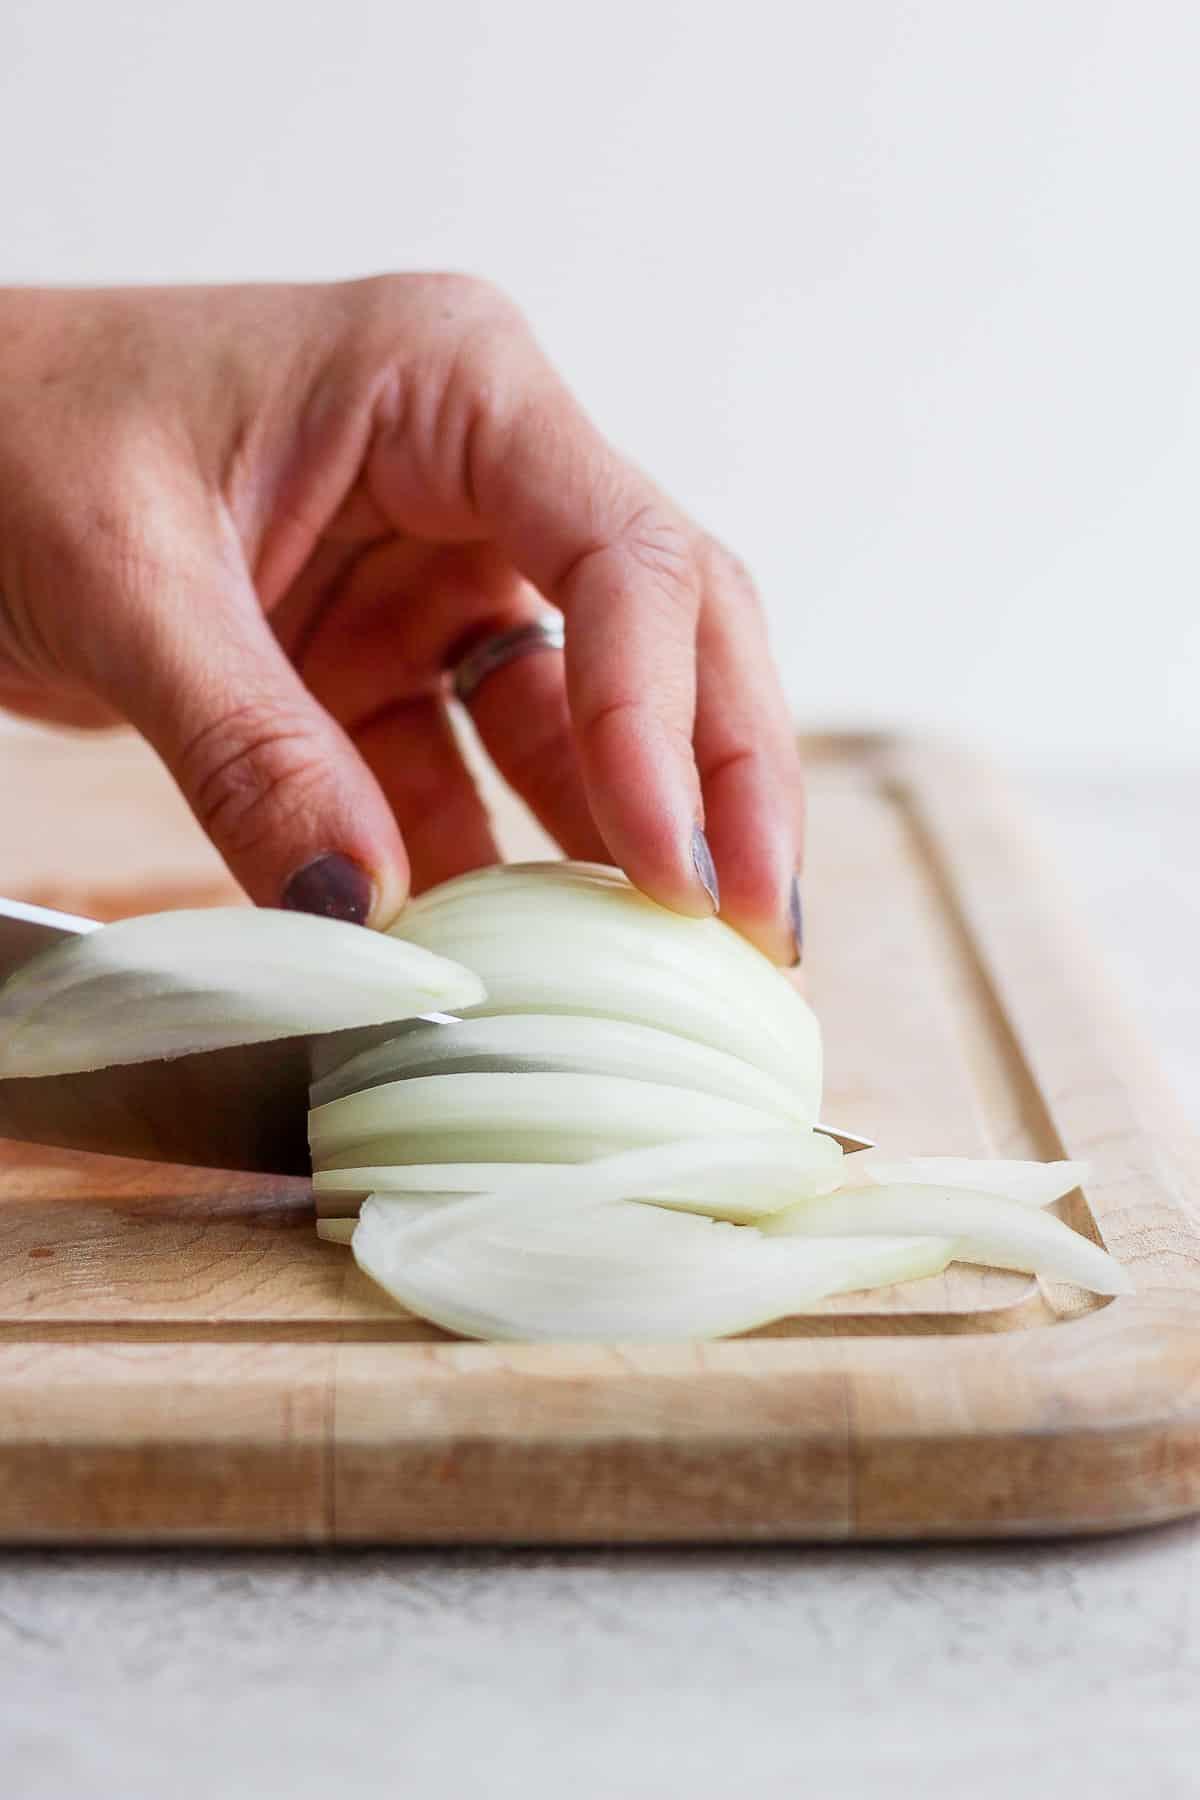 Slicing half an onion on cutting board